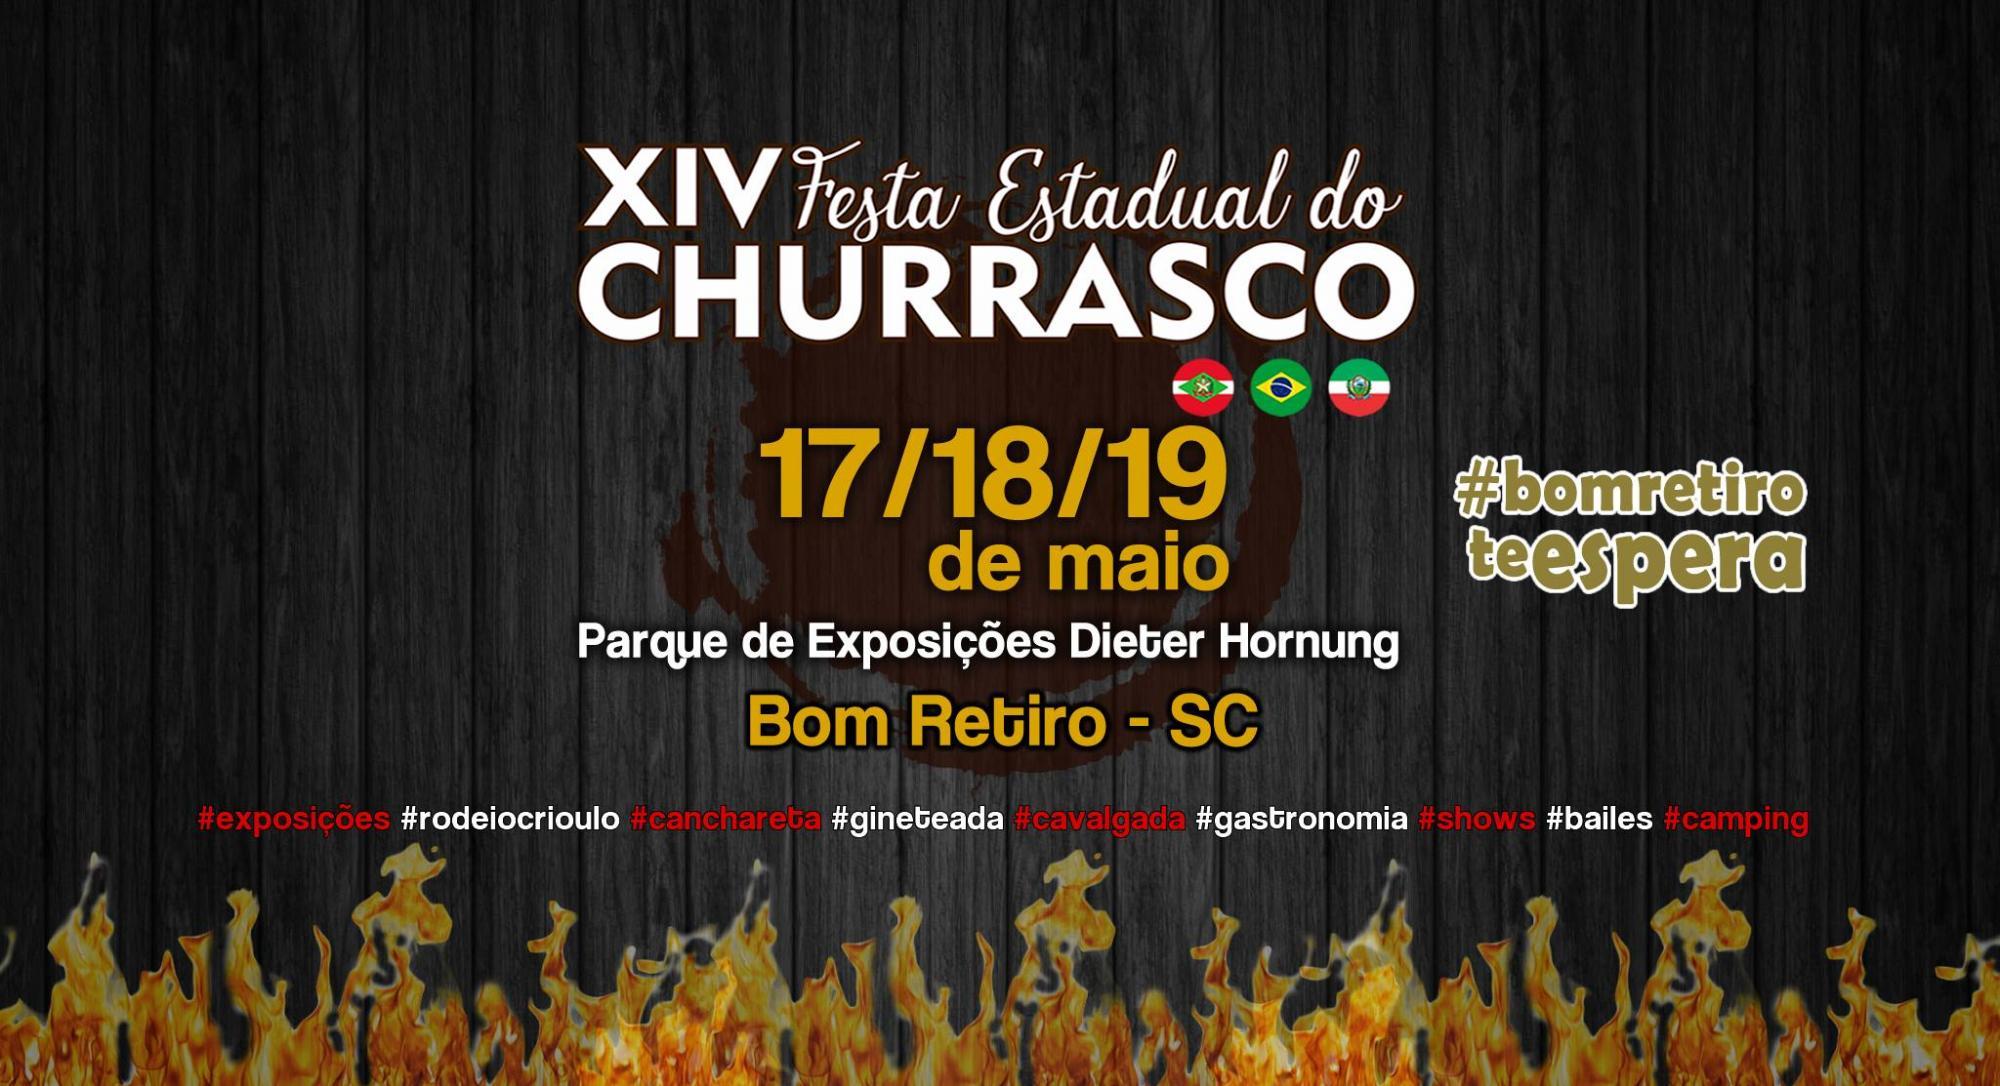 Parque de Exposições de Bom Retiro já está preparado para a Festa do Churrasco